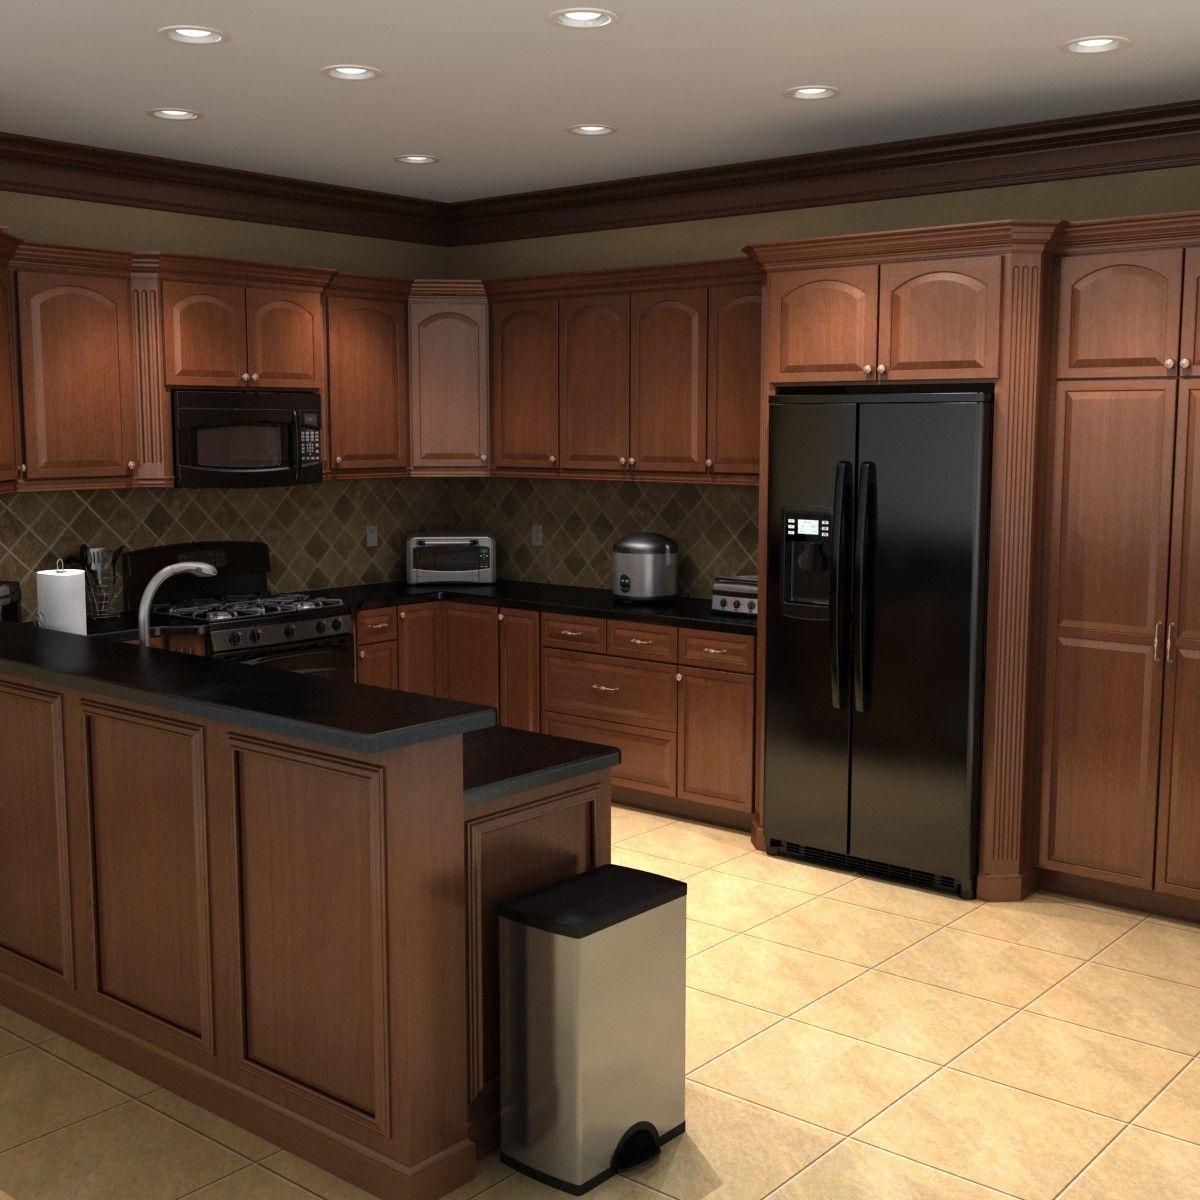 3Ds Max Kitchen Scene Set  Cs Kitchens  Pinterest  3Ds Max Captivating Kitchen Models 2018